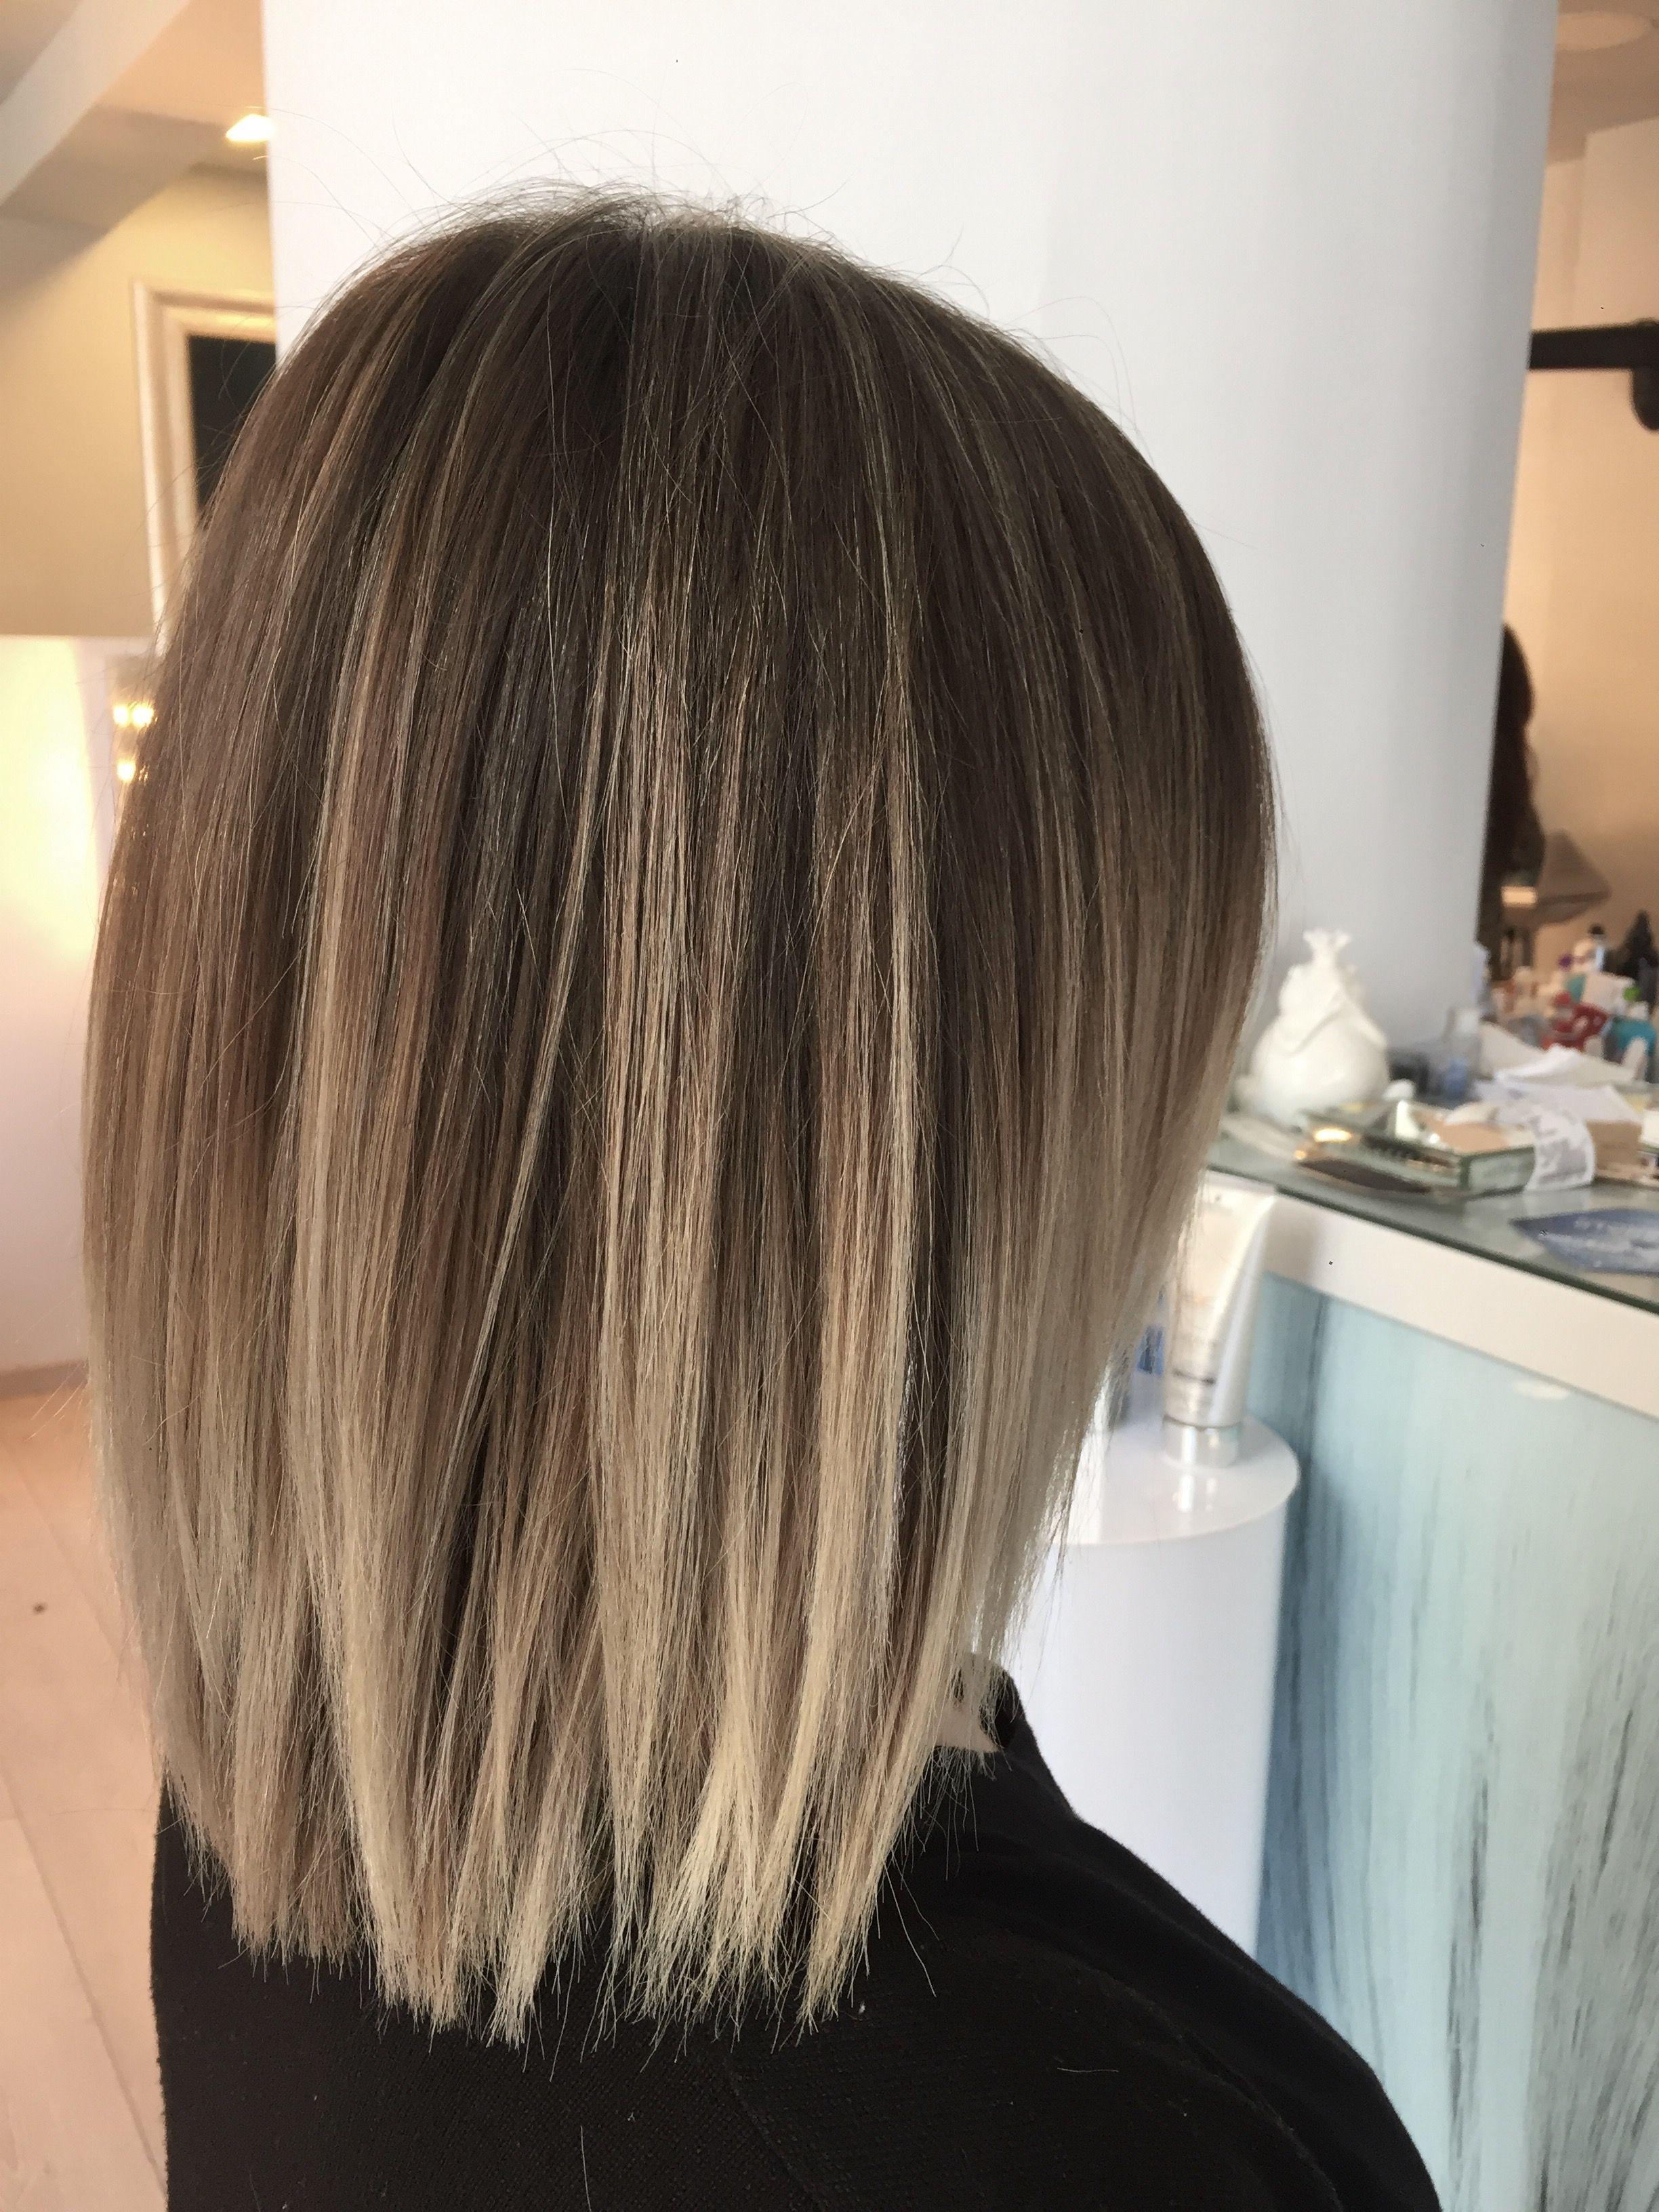 Epingle Par Aj Sur My Work Modeles De Cheveux Cheveux Coiffure